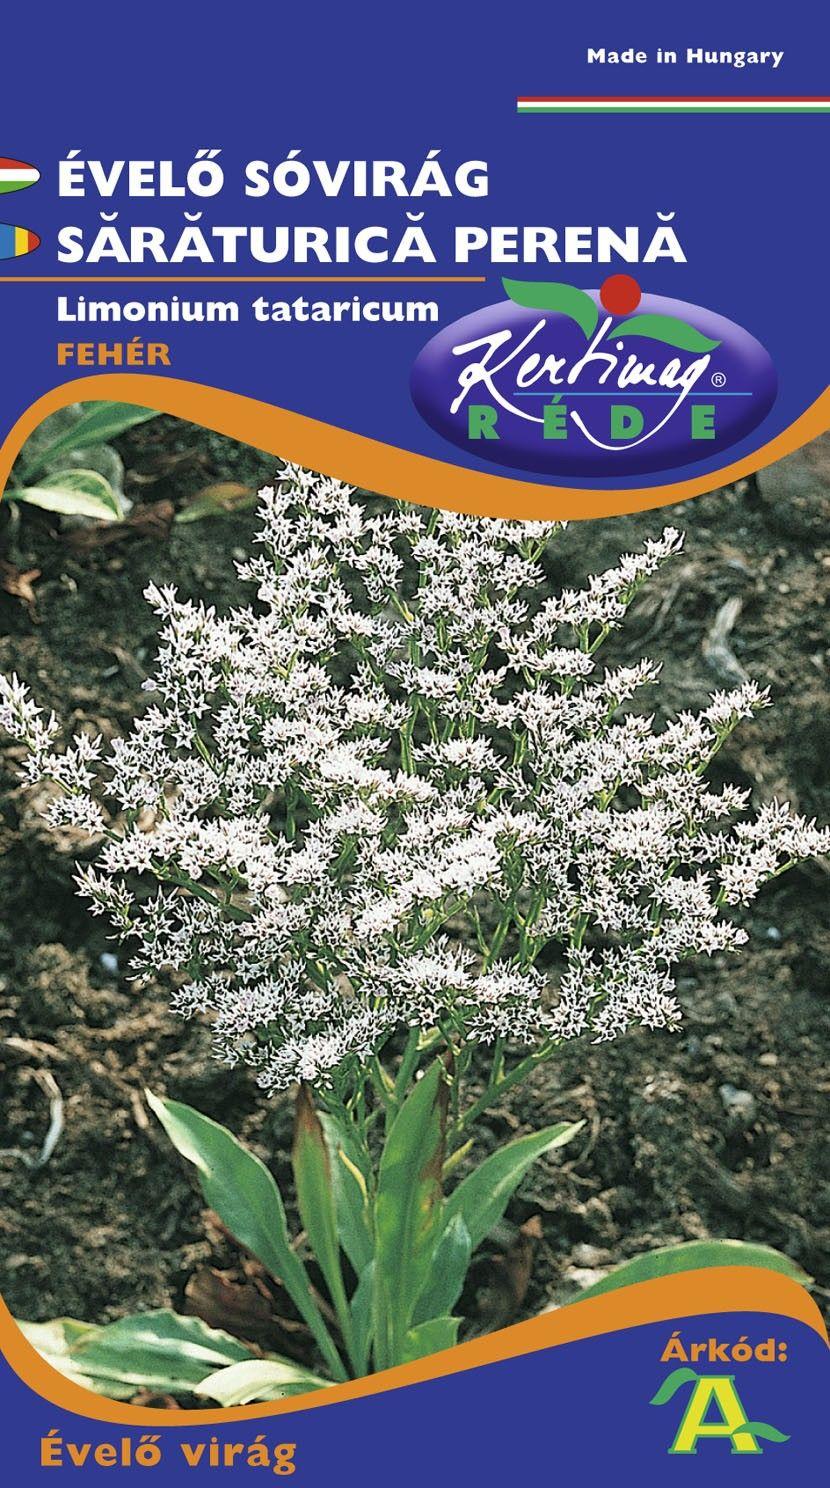 Seminte de Saraturica perena - KM - Limonium tataricum